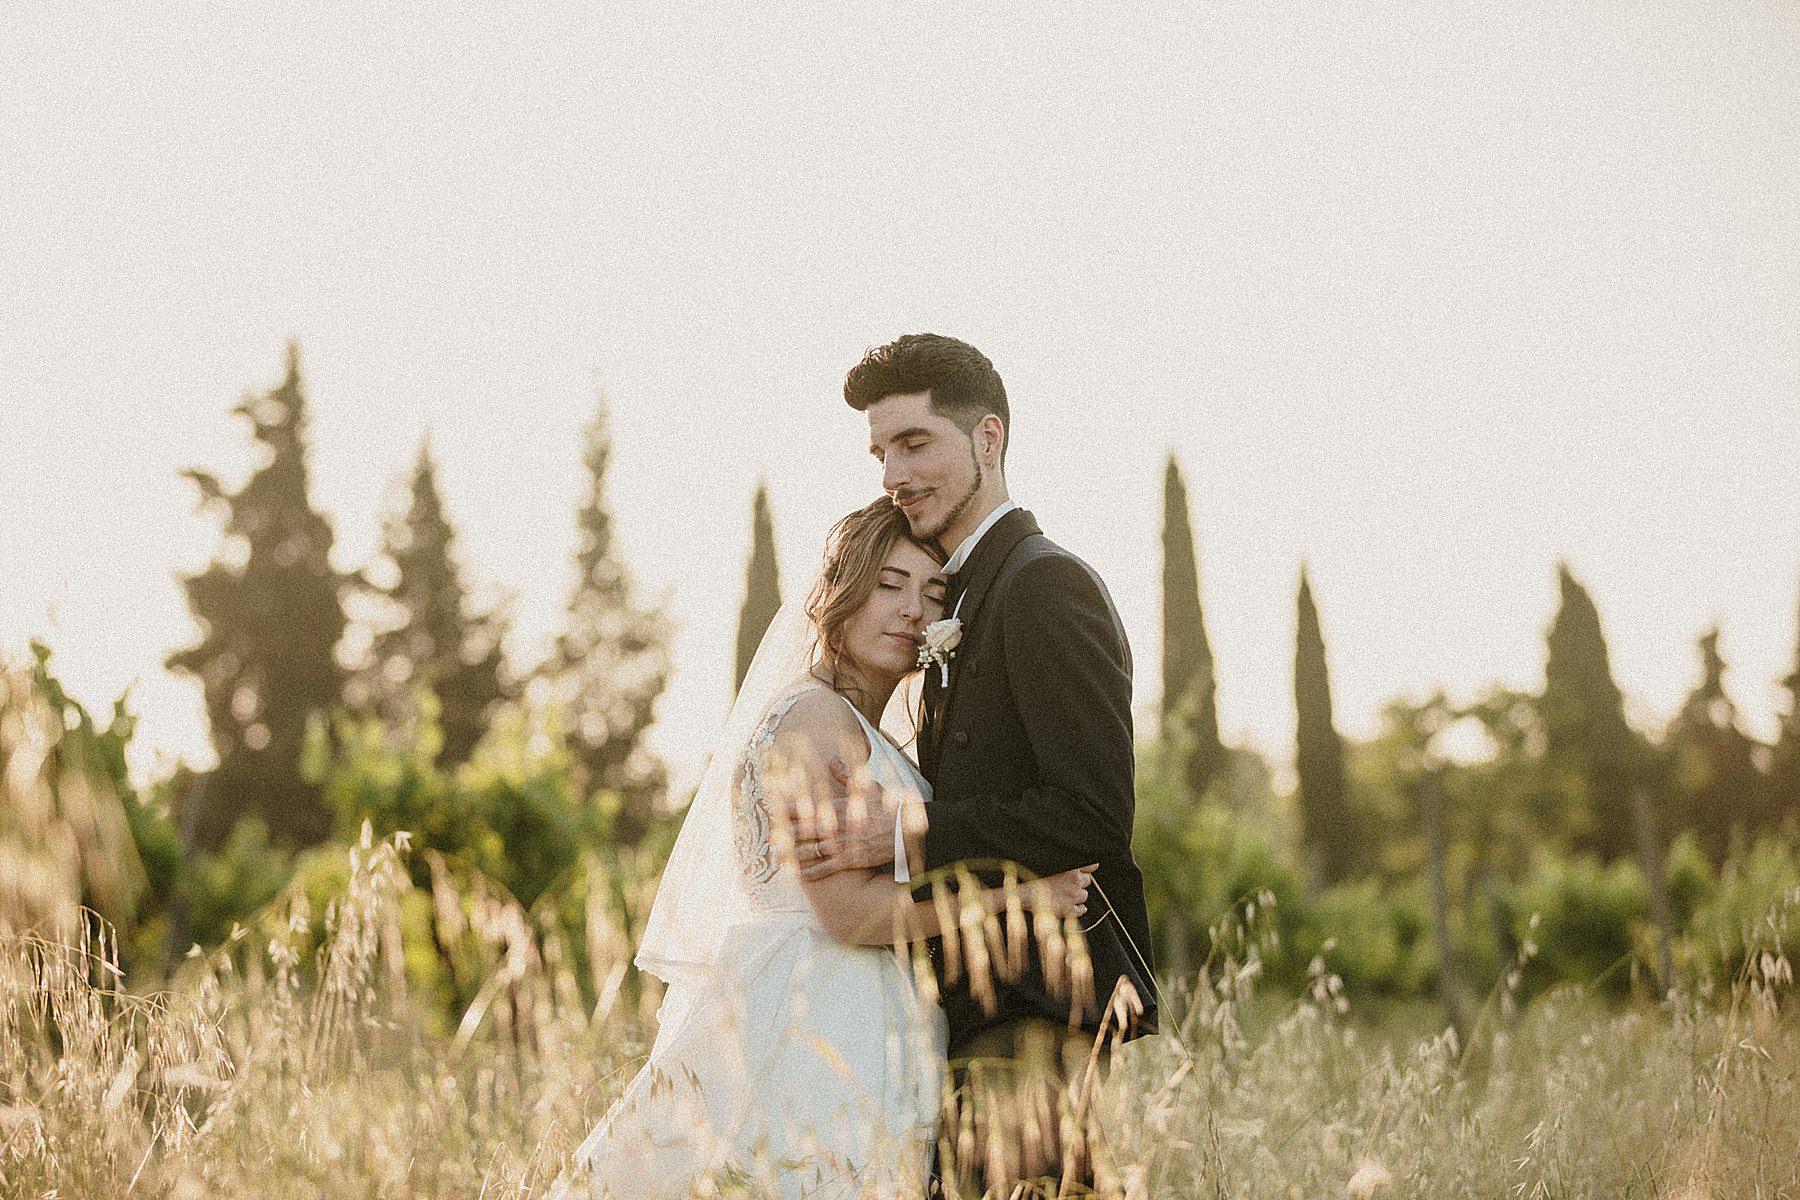 matrimonio tenuta bichi borghesi monteriggioni 3043